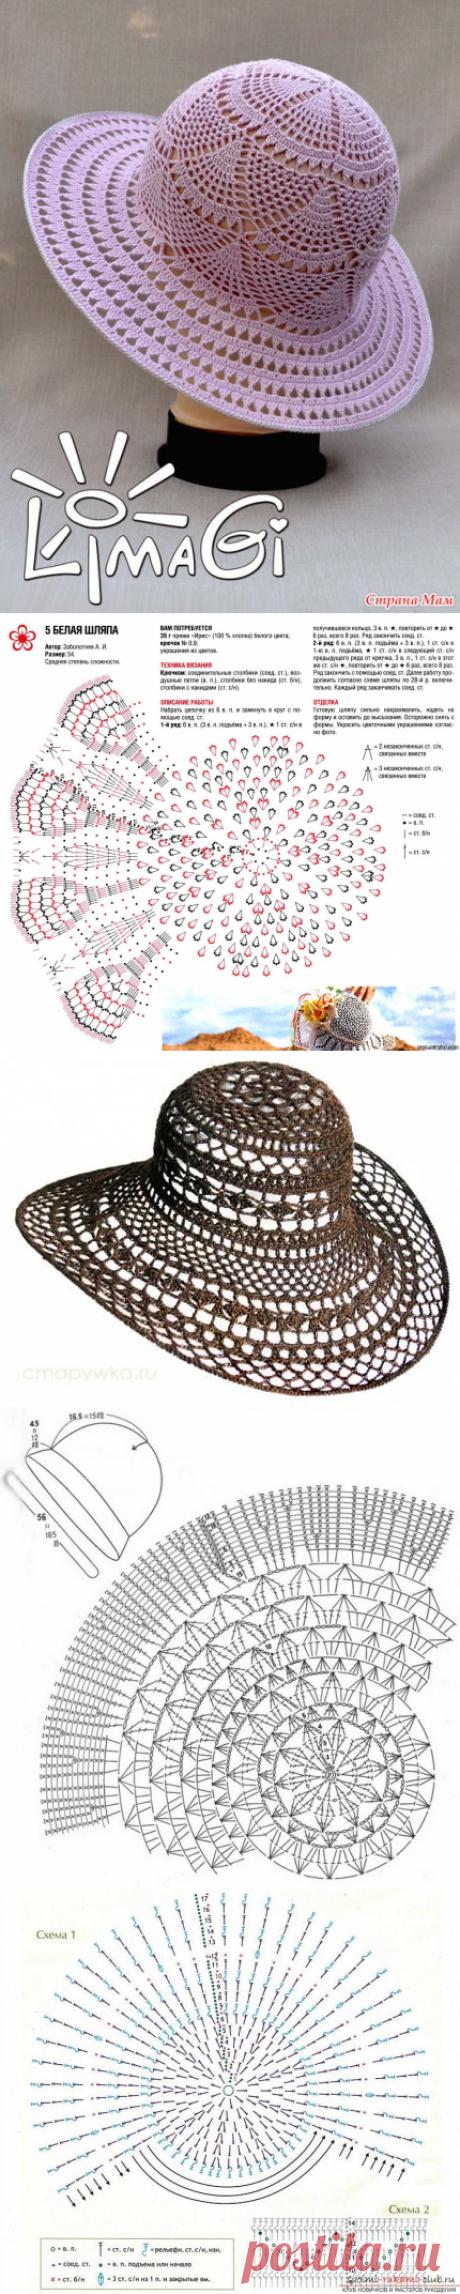 Дамская шляпка вязать крючком